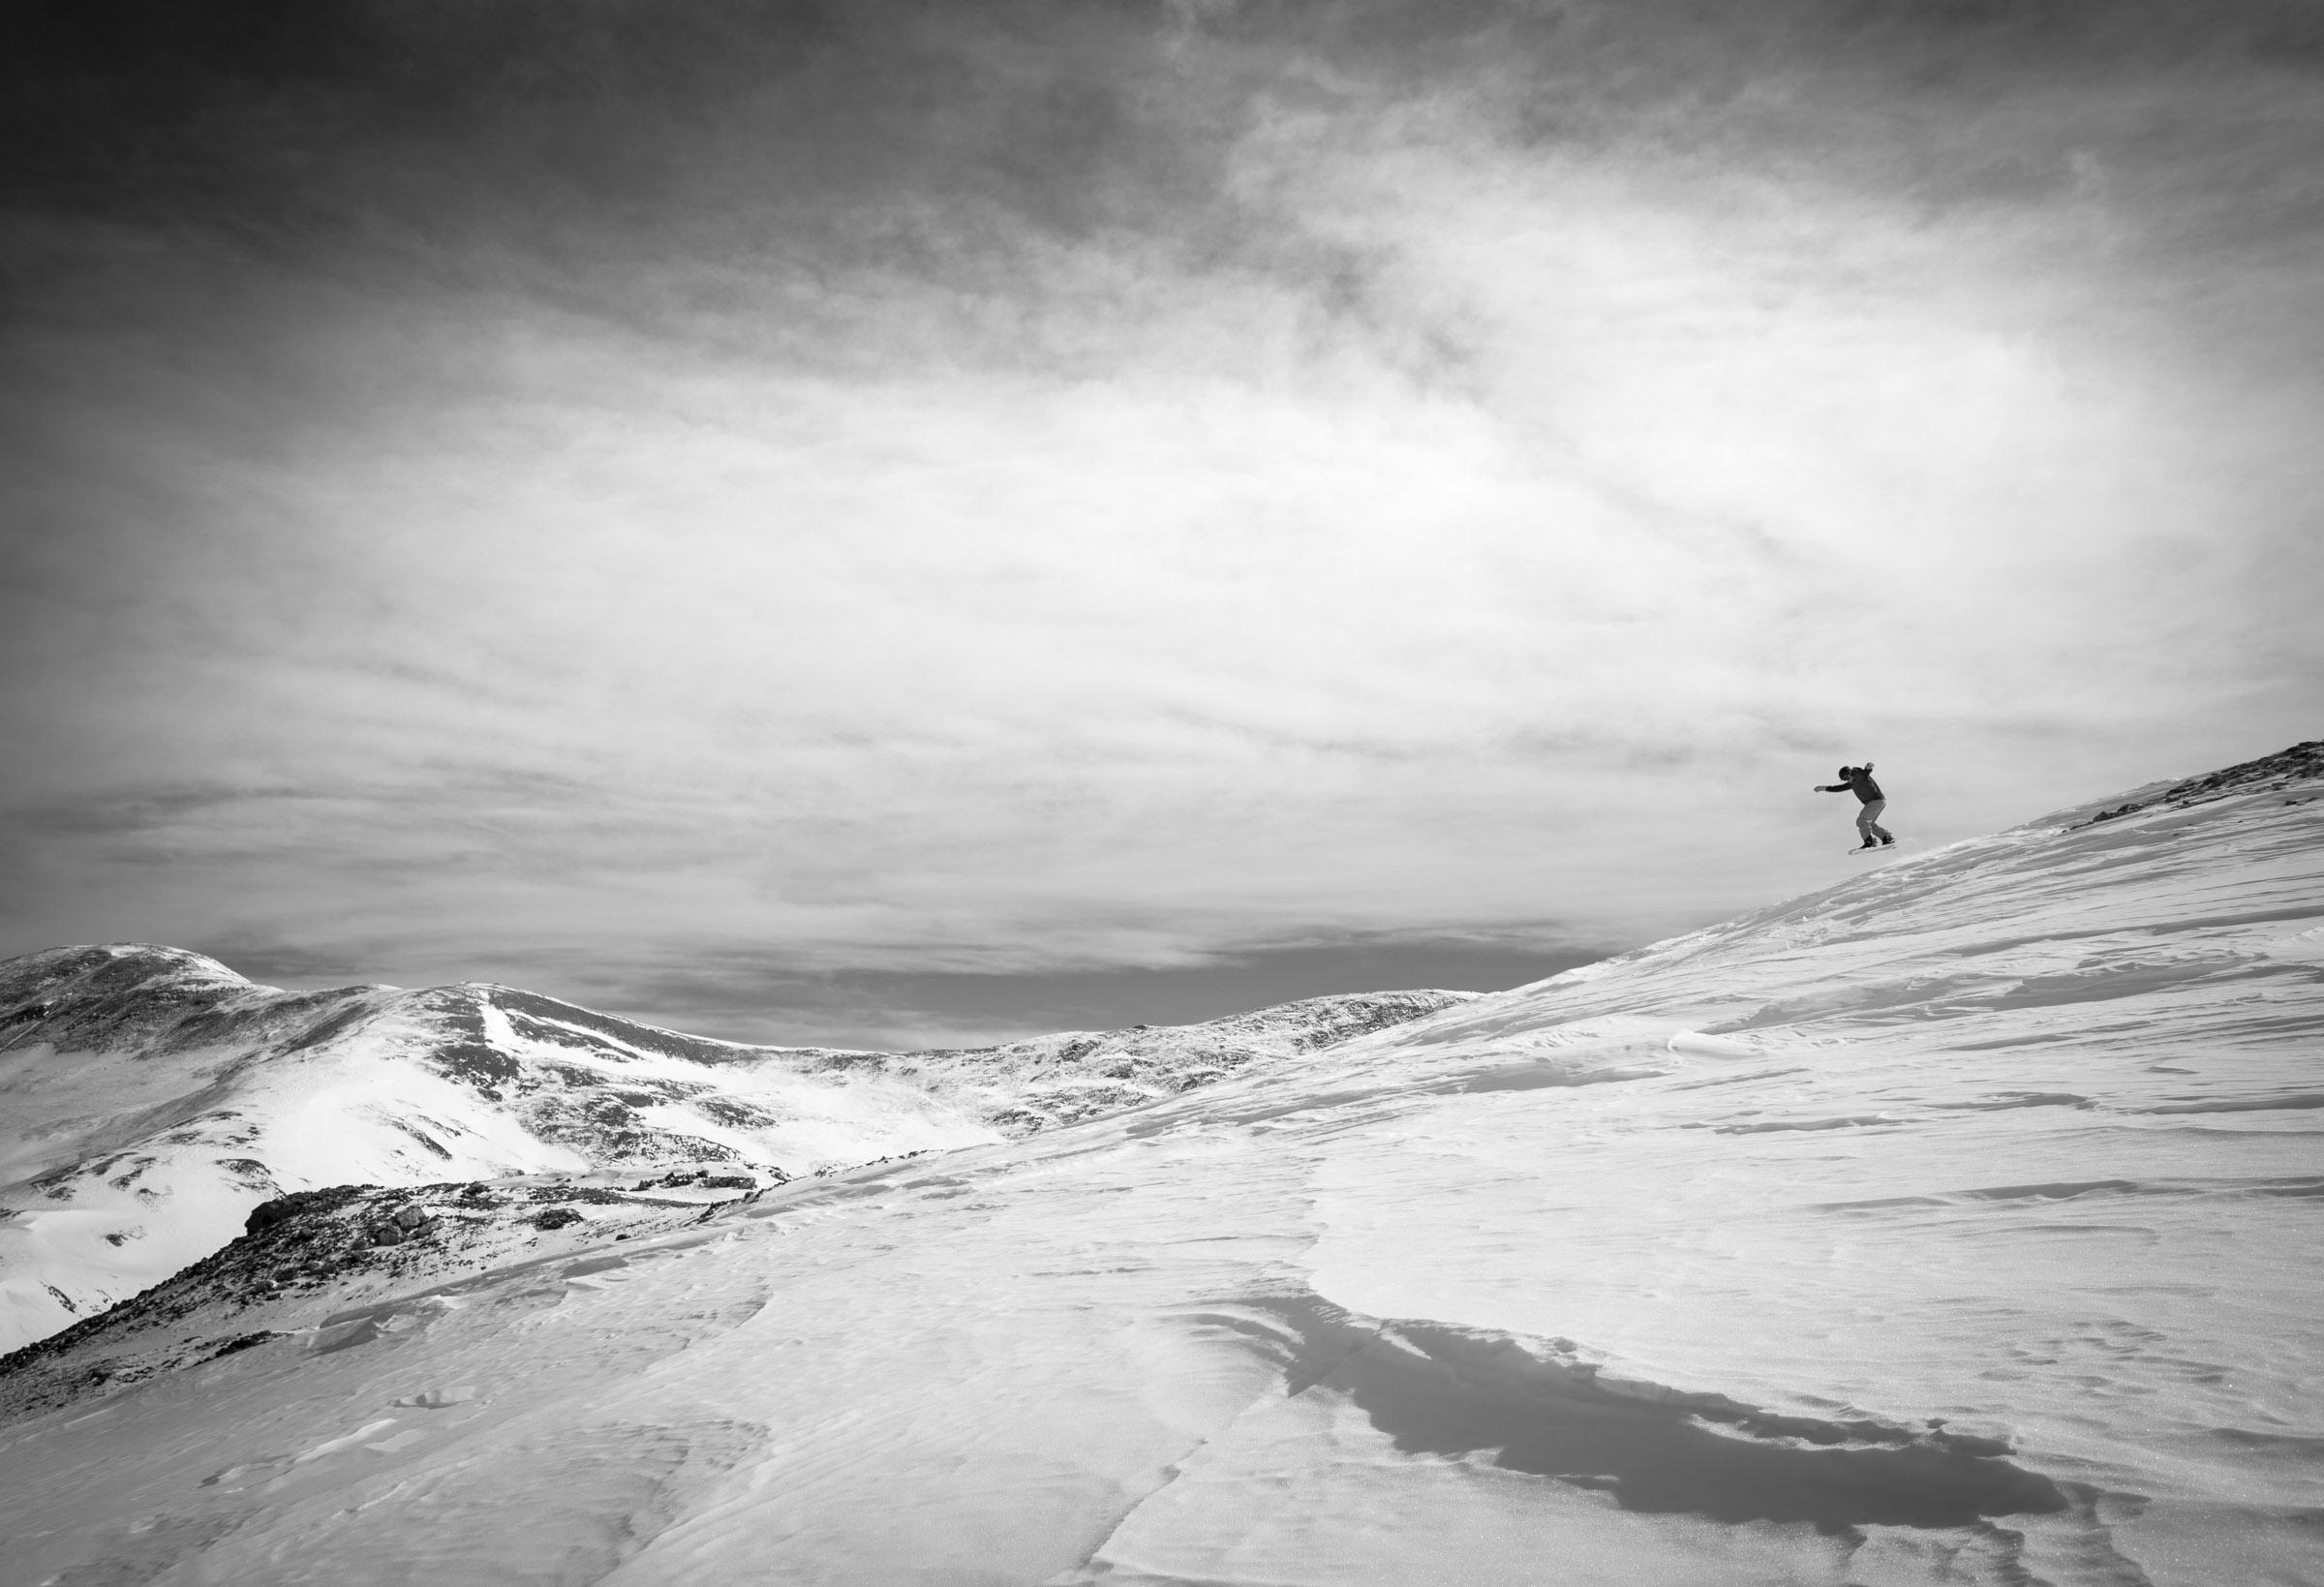 Loveland Pass Snowboarding